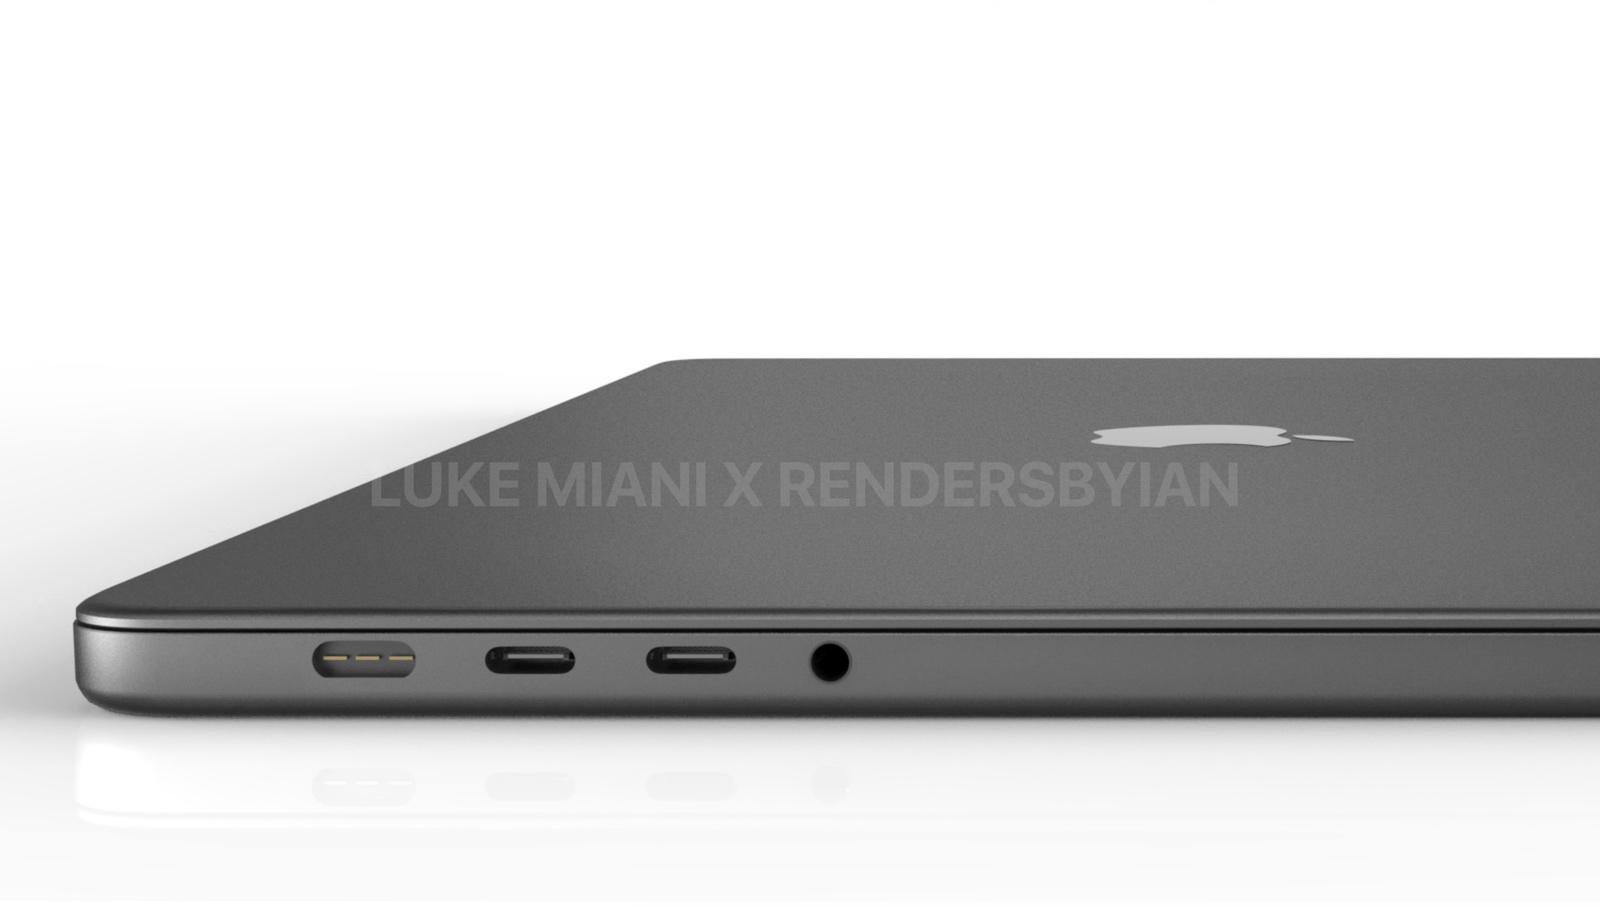 MacBookPro 2021 Rendering Images 08